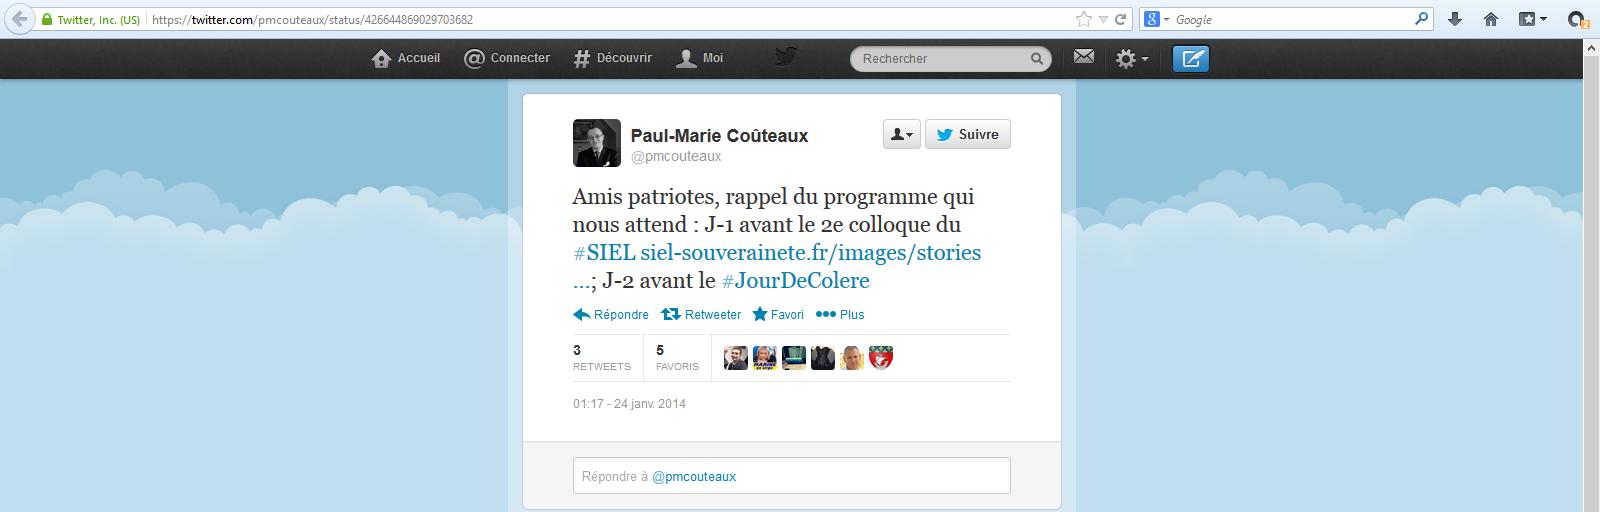 Paul-Marie-Couteaux-24-01-14-Jour-de-colere